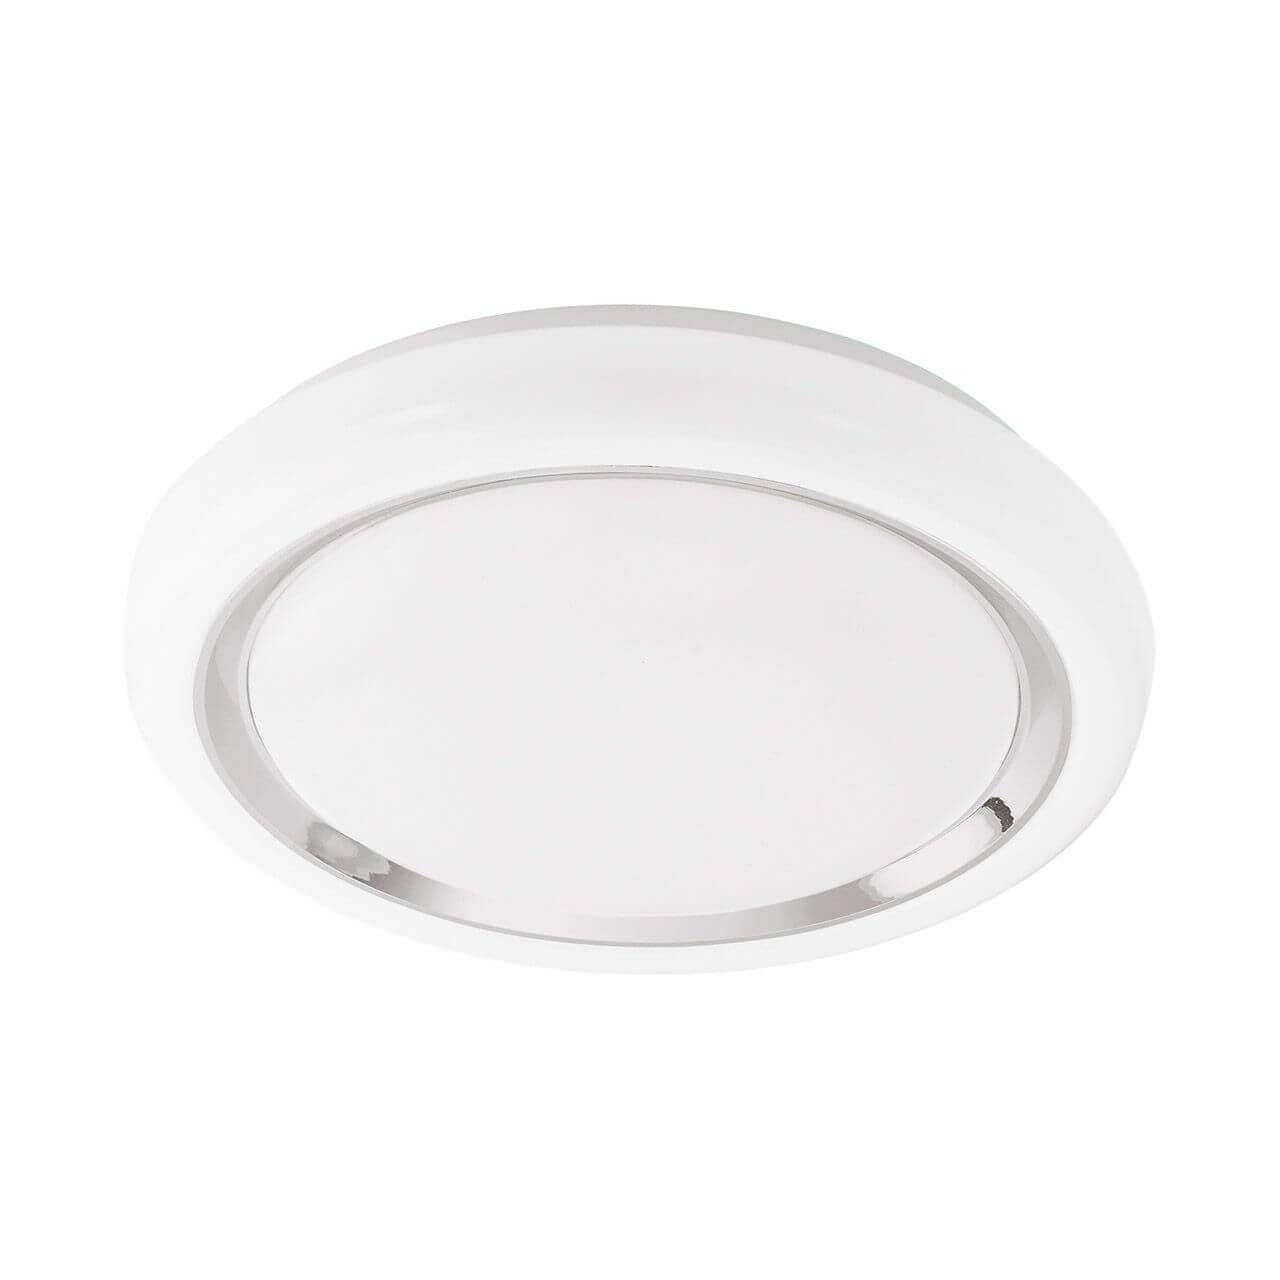 Потолочный светодиодный светильник Eglo Capasso 96023 все цены